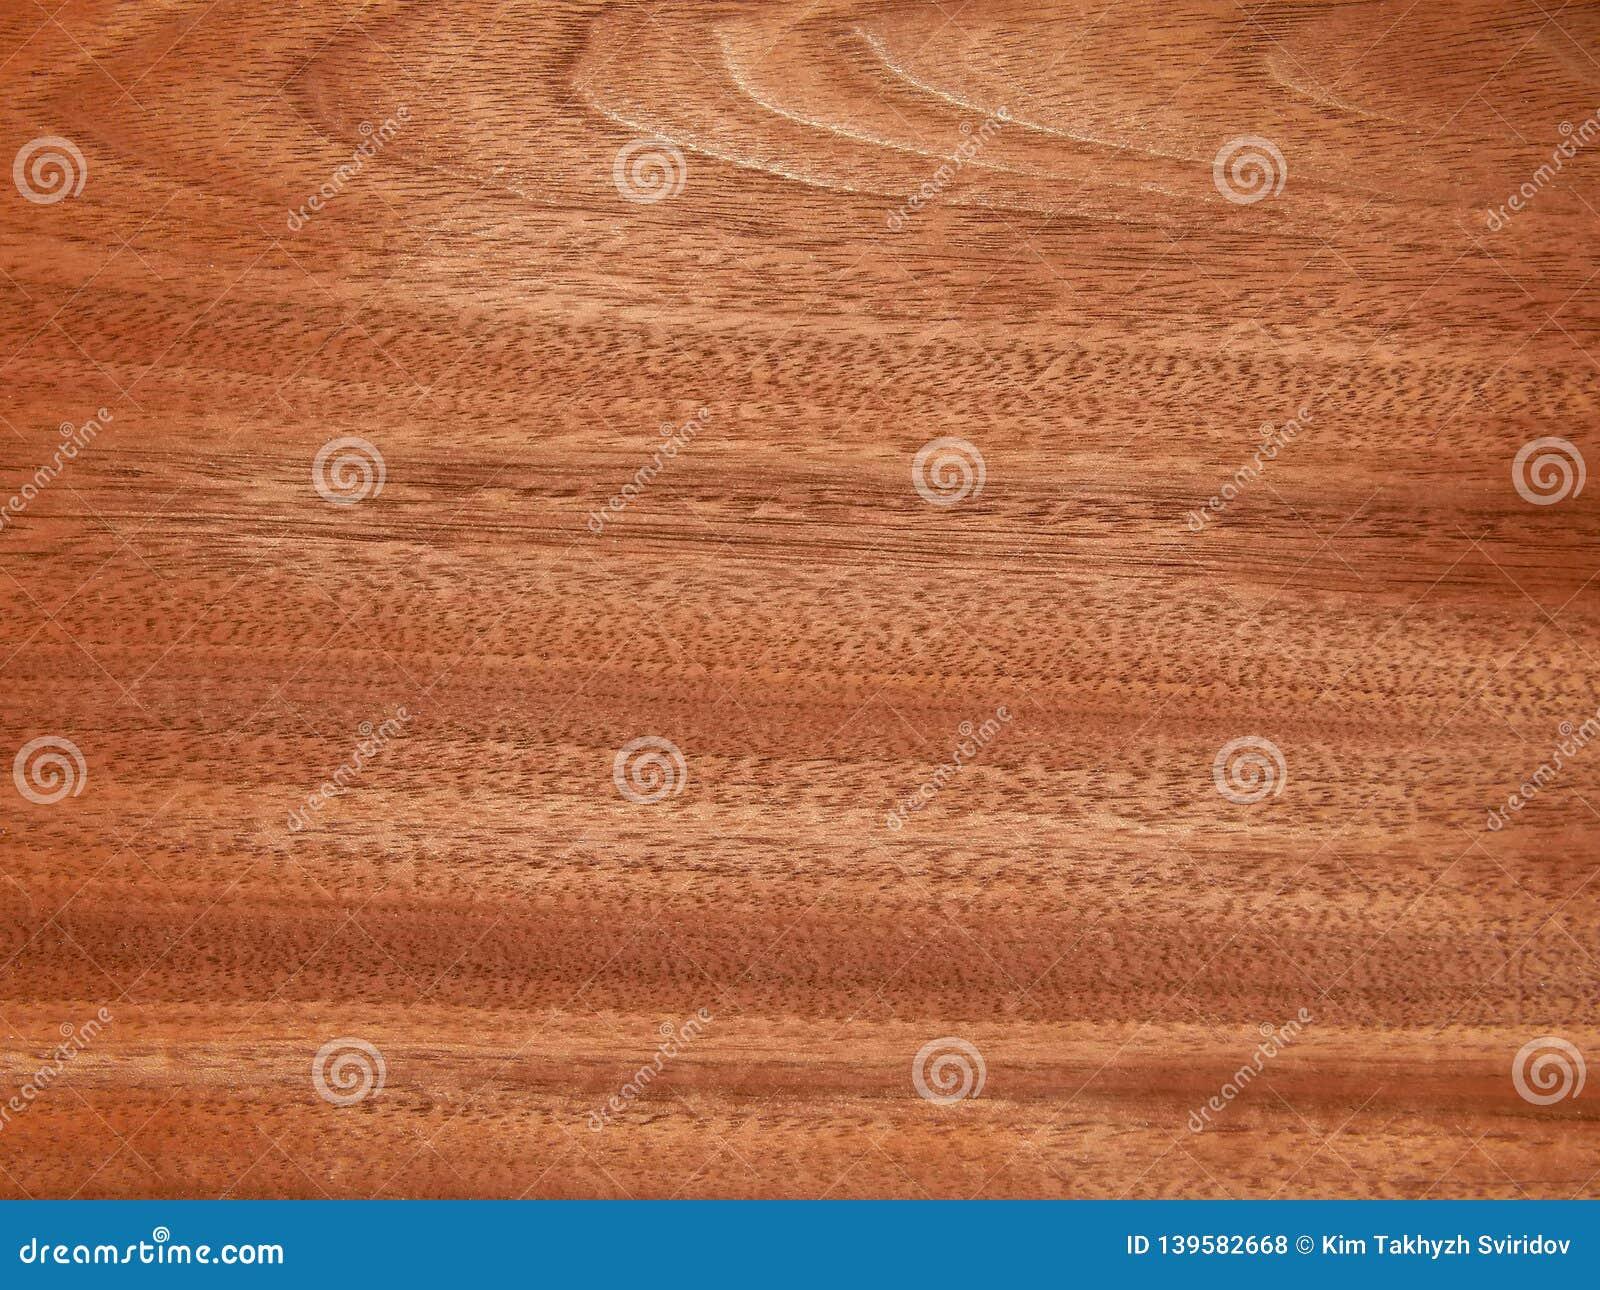 Грецкий орех реальной деревянной облицовки американский Материал для интерьера и мебели